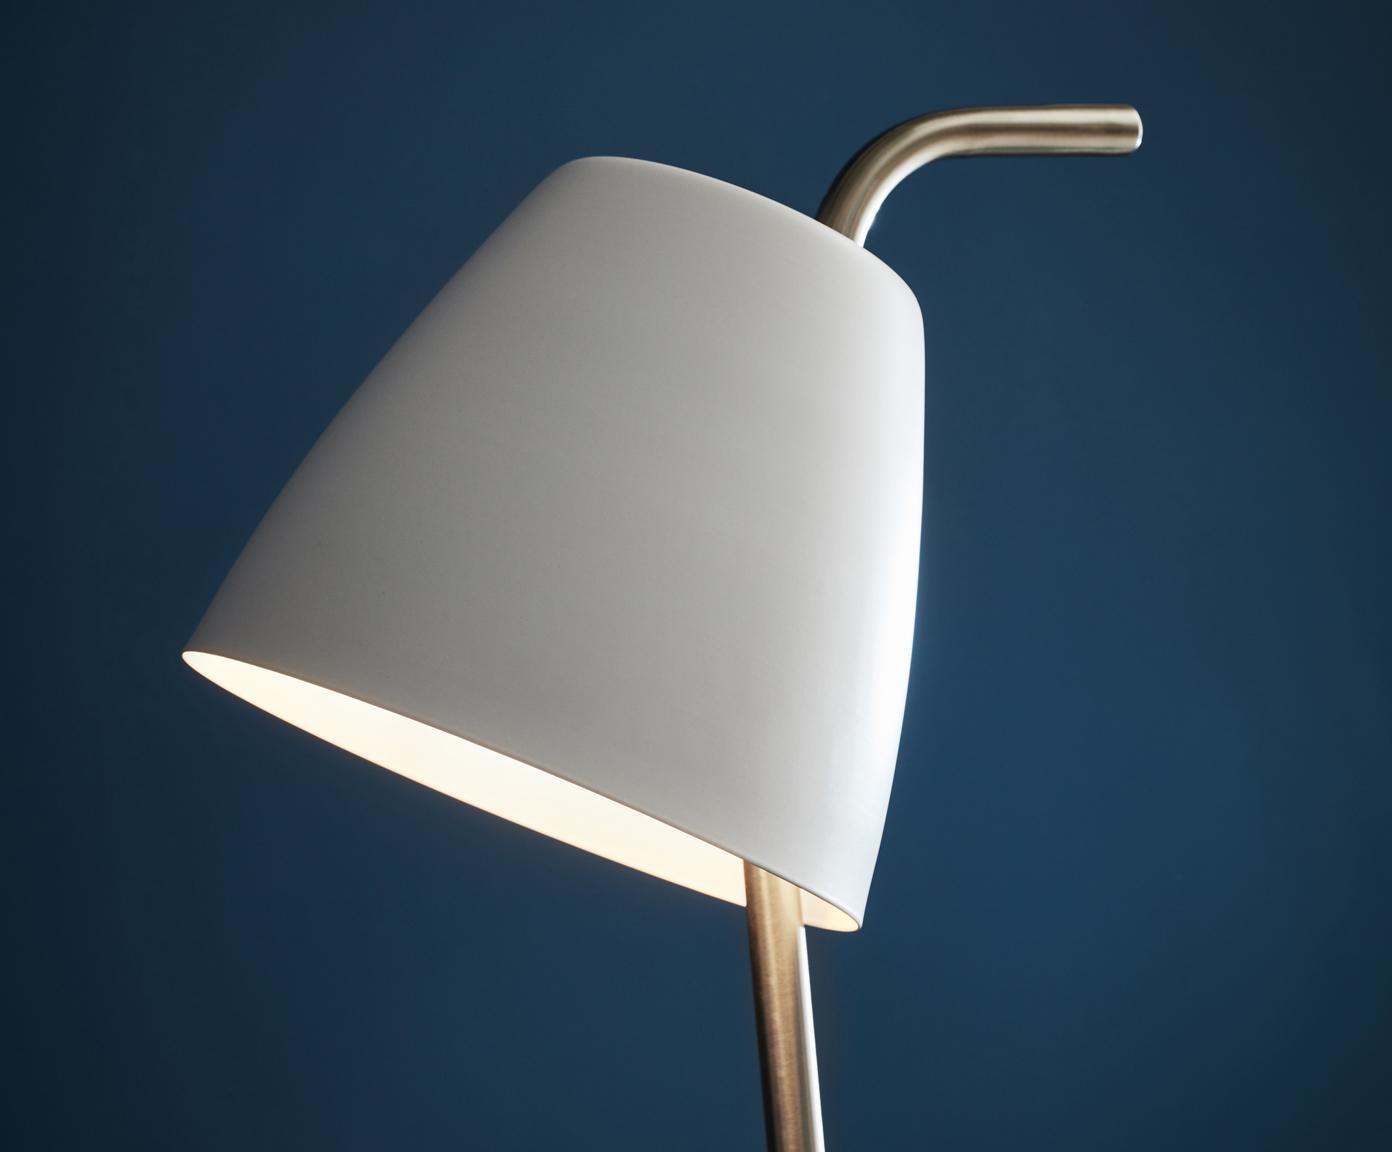 Lampa podłogowa Spin, Metaliczny, Ø 31 x W 137 cm